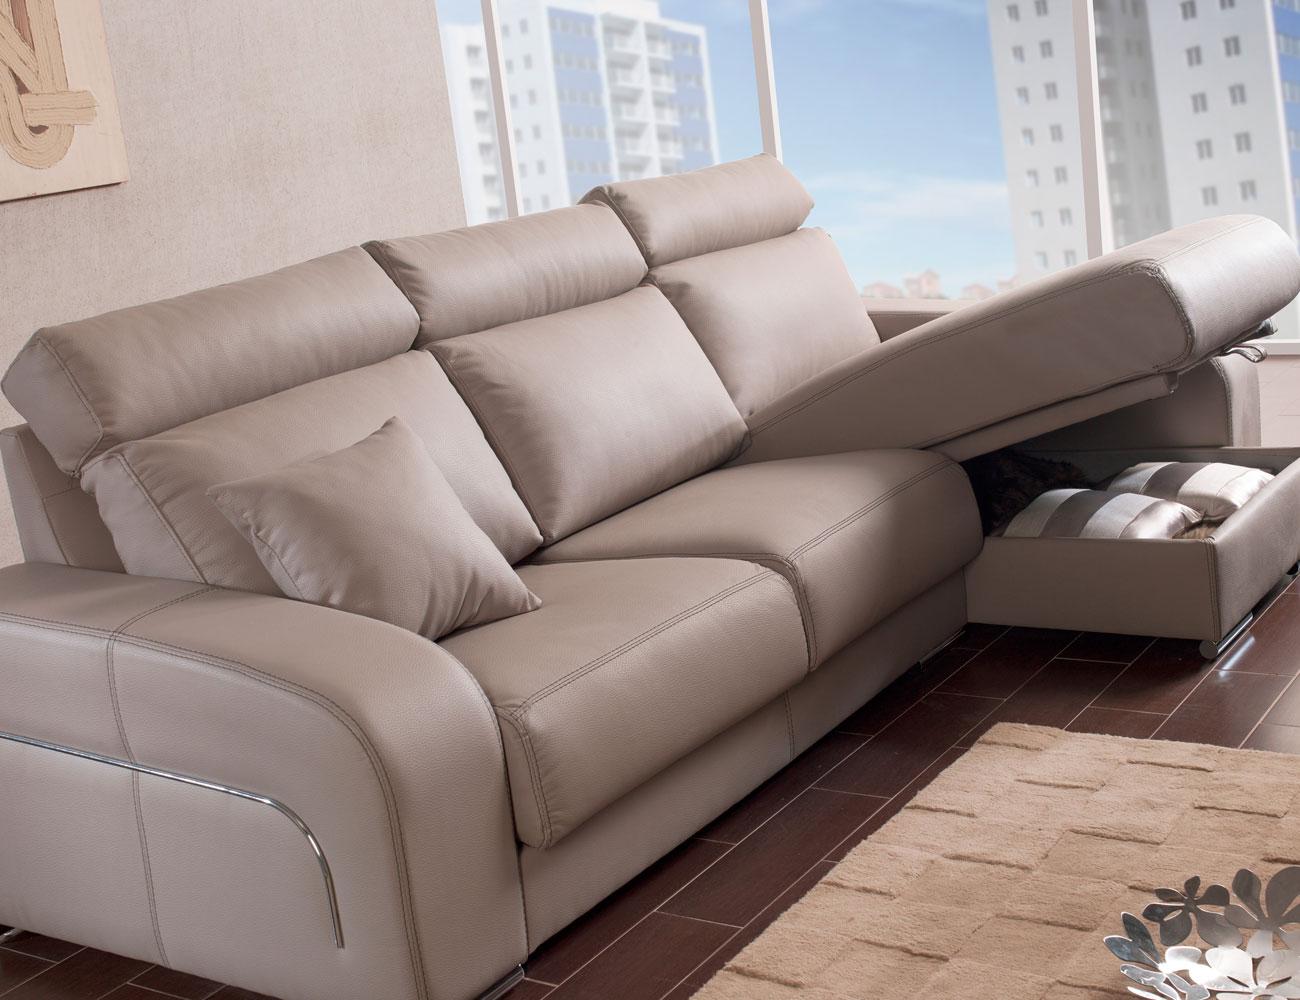 Sofa chaiselongue moderno pared cero arcon57